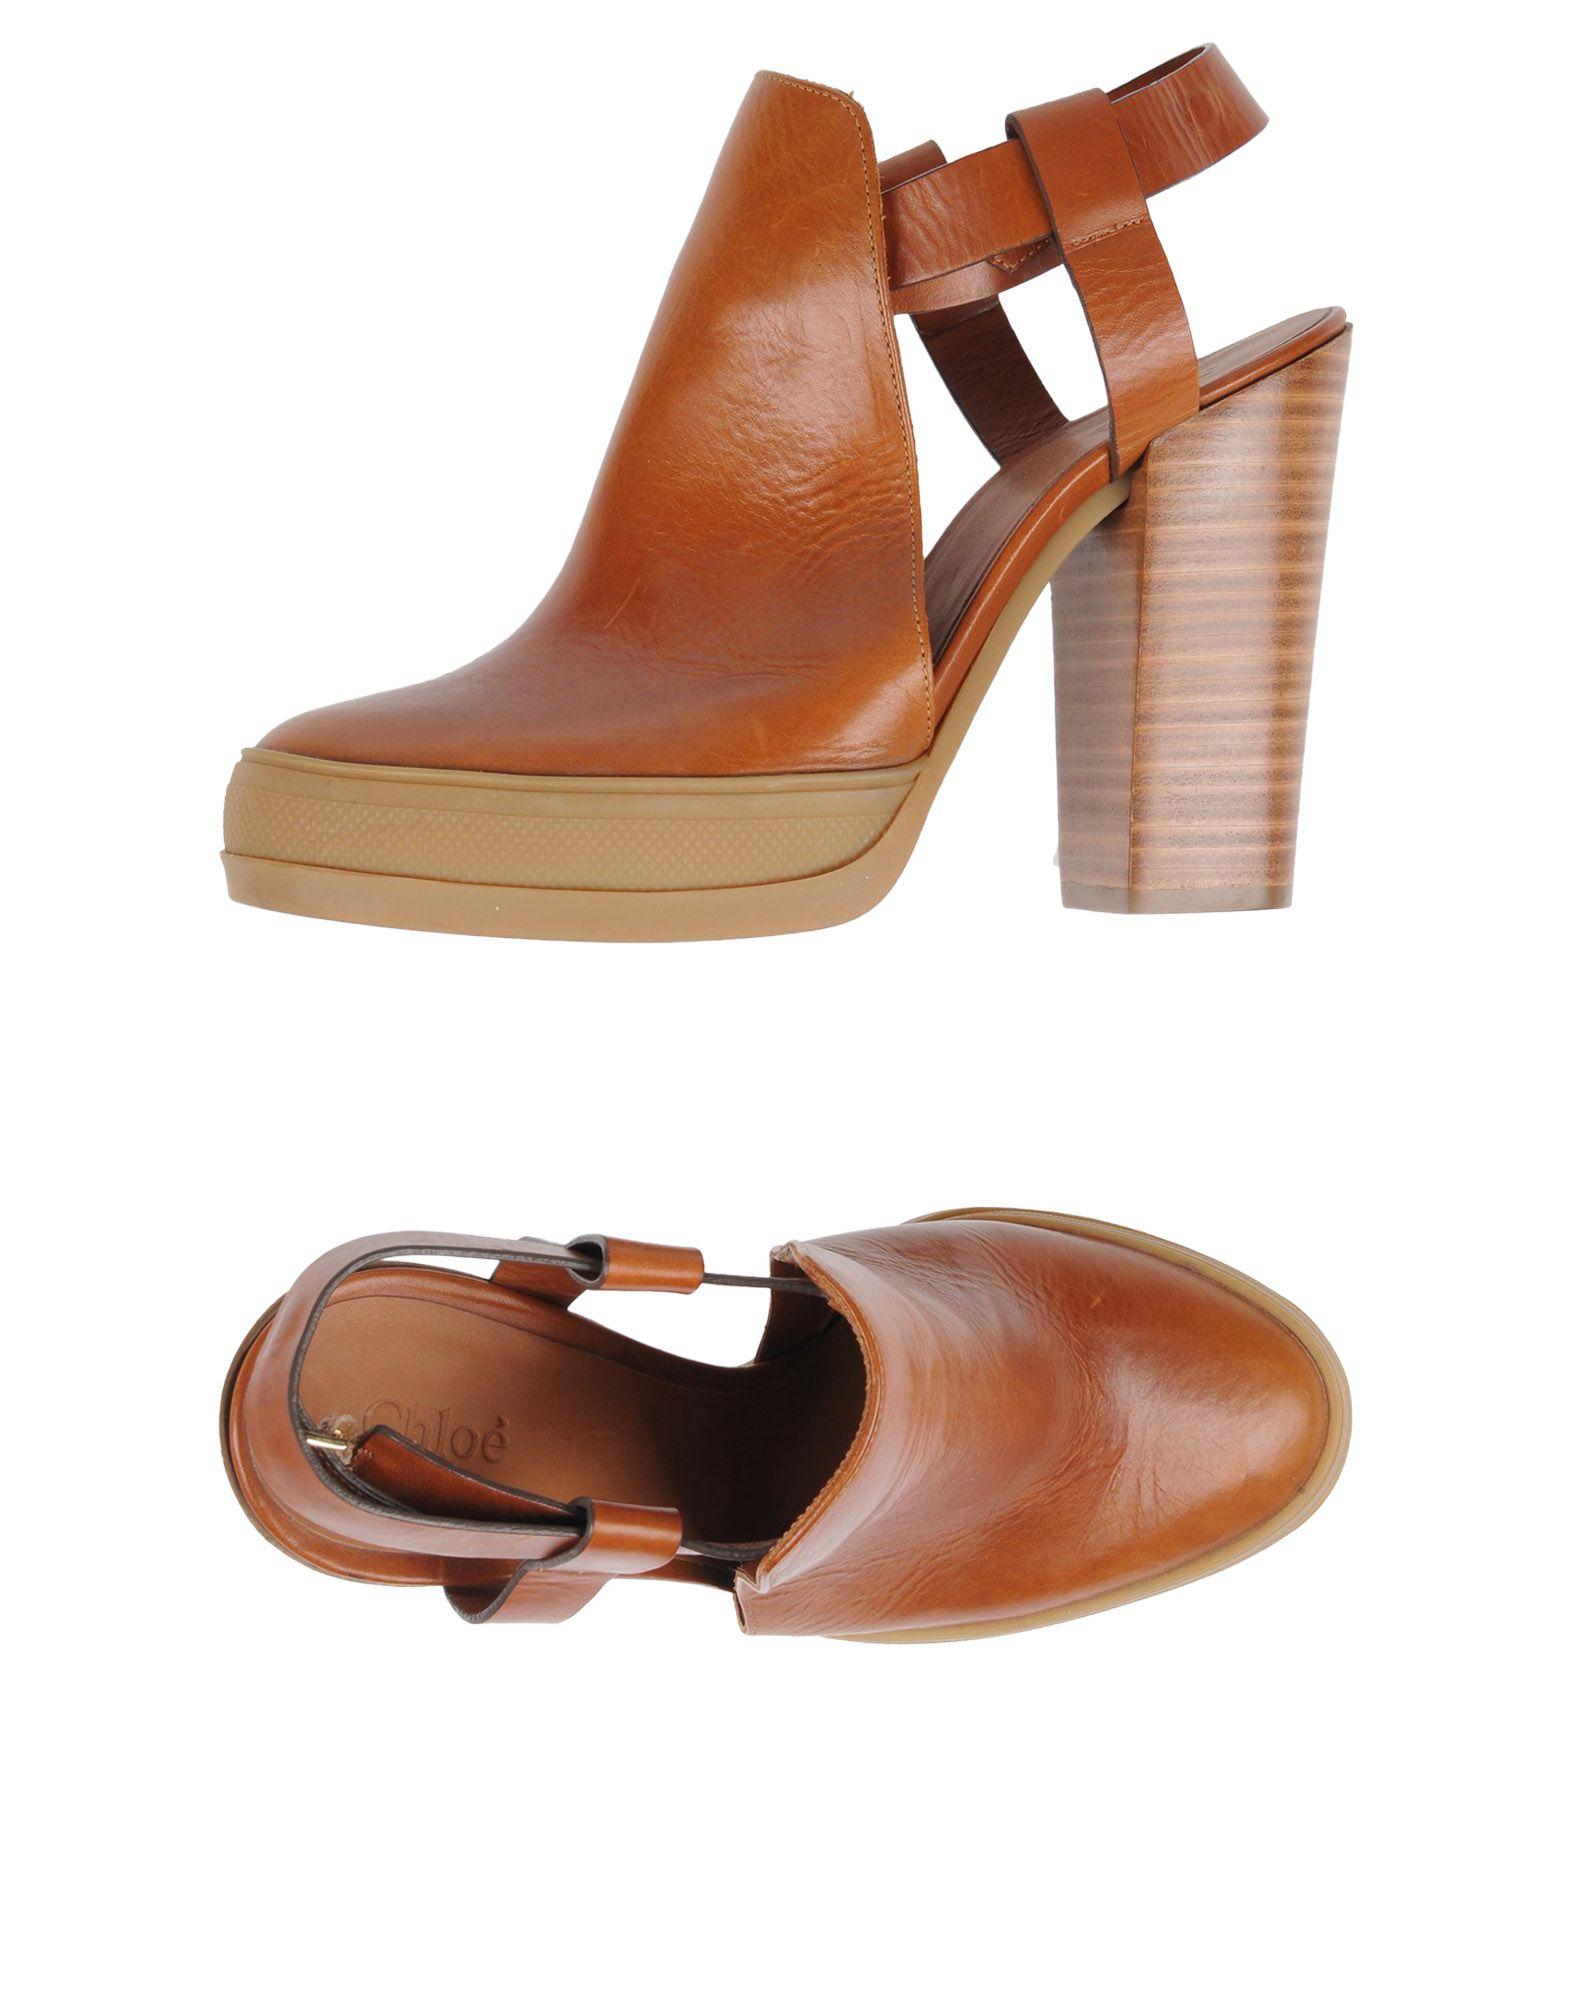 Chloé Pantoletten 11462076DUGünstige Damen  11462076DUGünstige Pantoletten gut aussehende Schuhe 9265bb